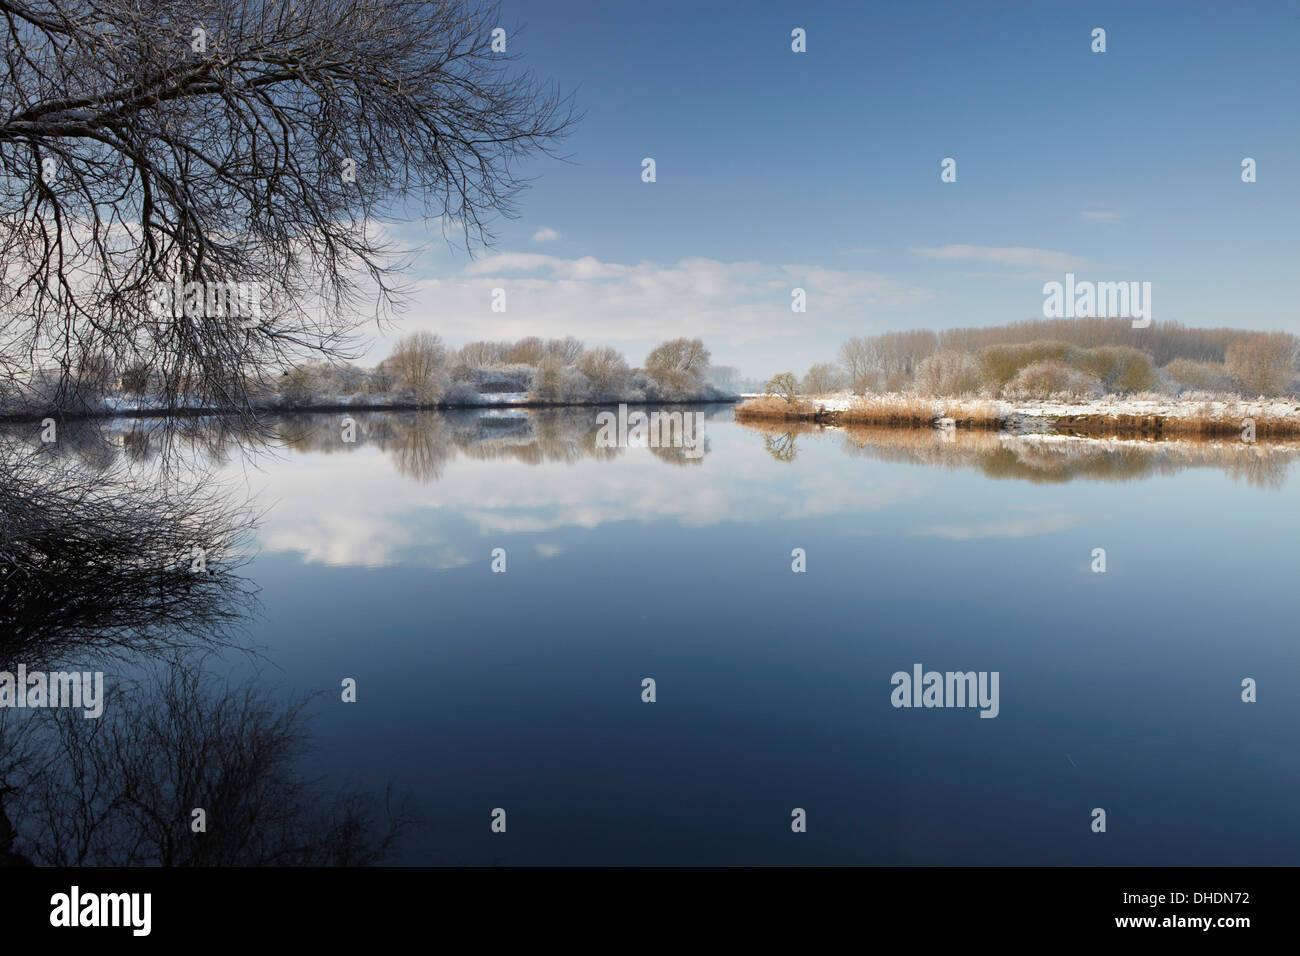 Ein Winter-Szene in den Norfolk Broads neben den Fluß Yare am Surlingham, Norfolk, England, Vereinigtes Königreich, Stockfoto